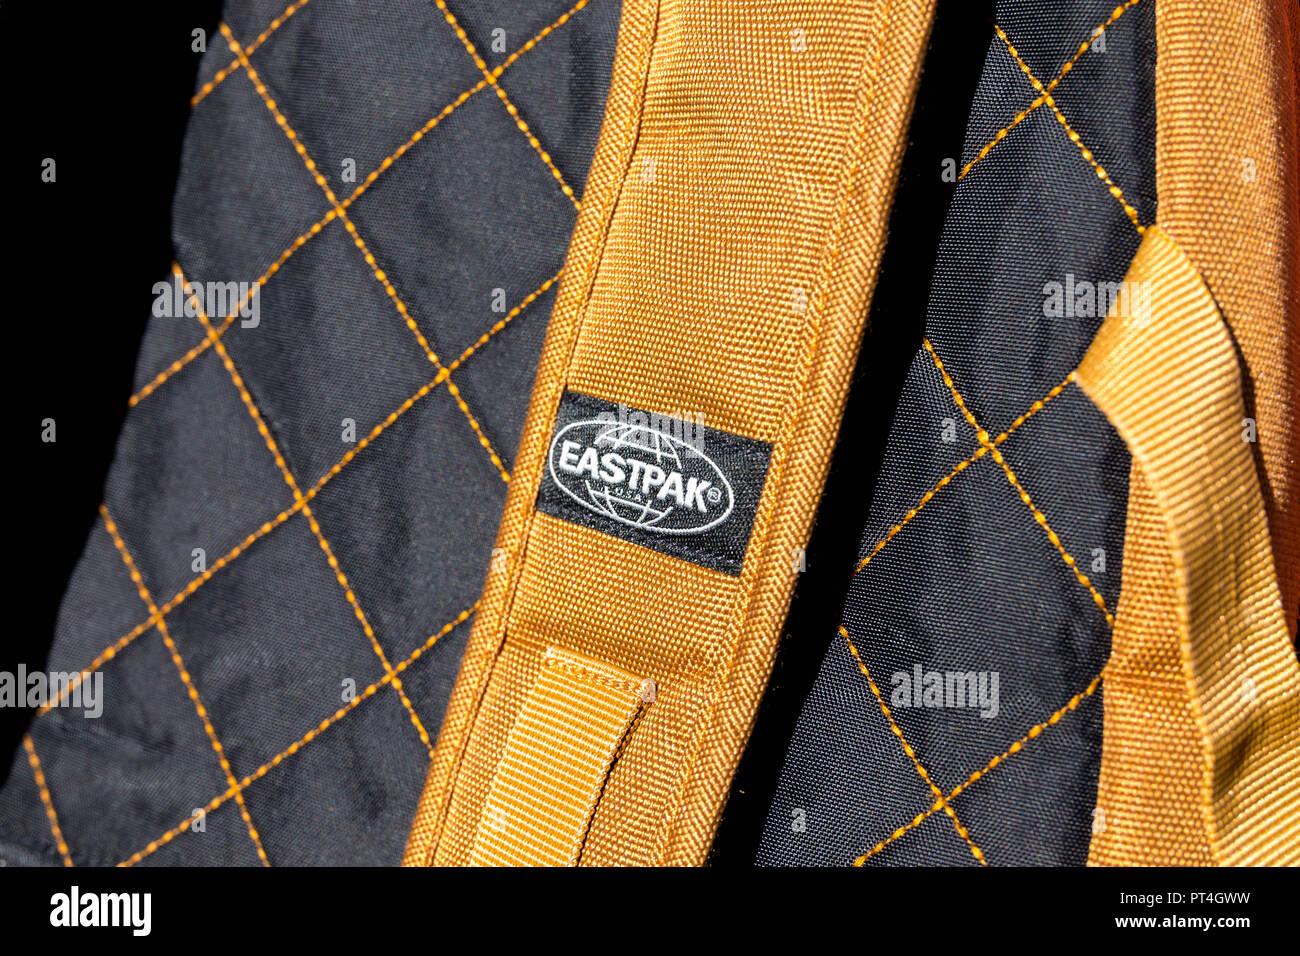 Eastpak bag backpack east pack school logo - Stock Image